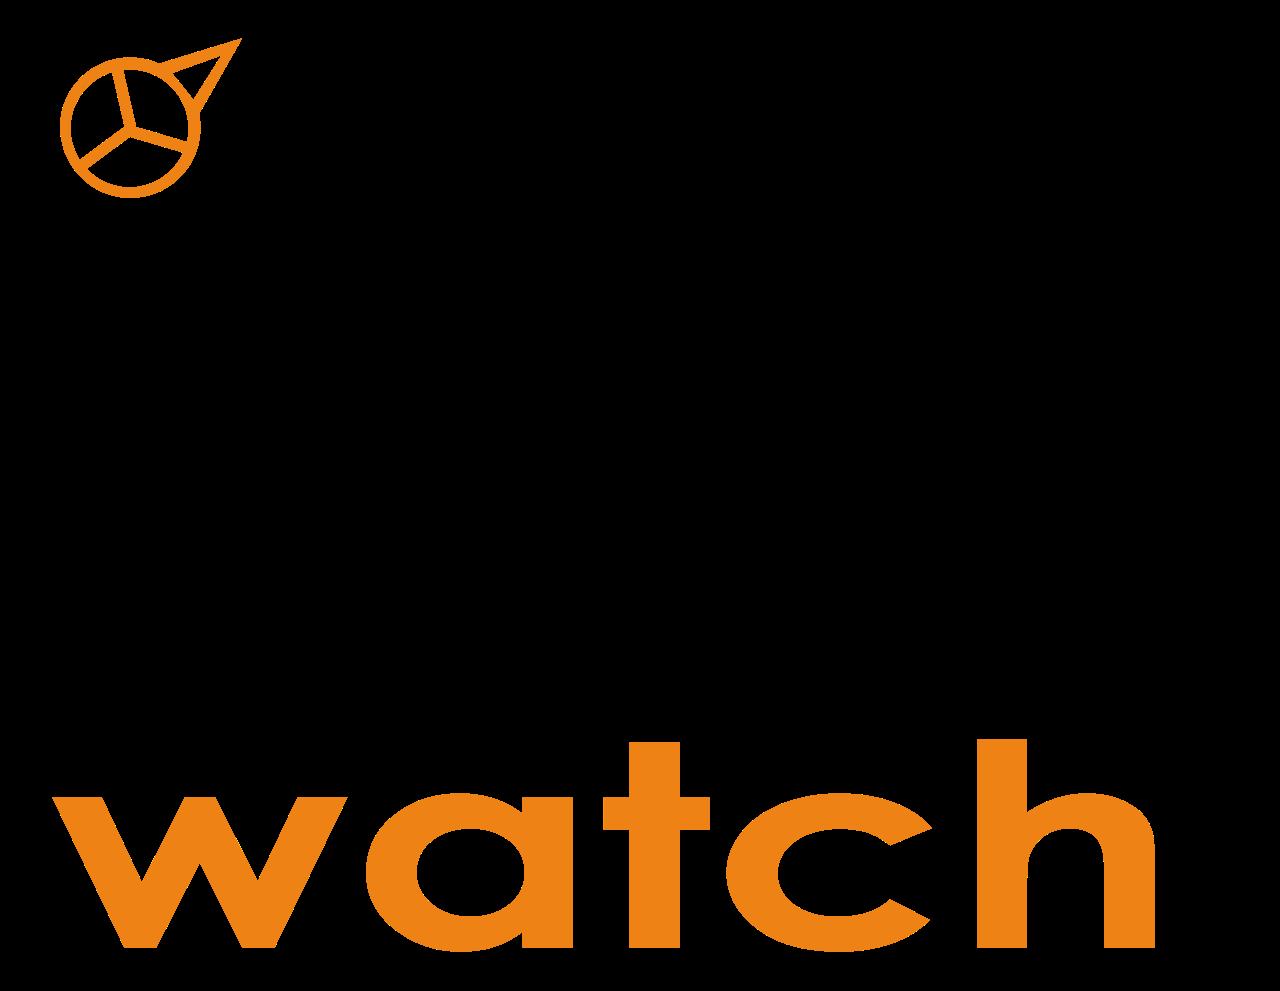 Ice Watch órák óriási választékban Esztergom. Az Ice-Watch márkanév 2007 –  ben egy szempillantás alatt fogalommá vállt a nemzetközi óra b0e670c2ae